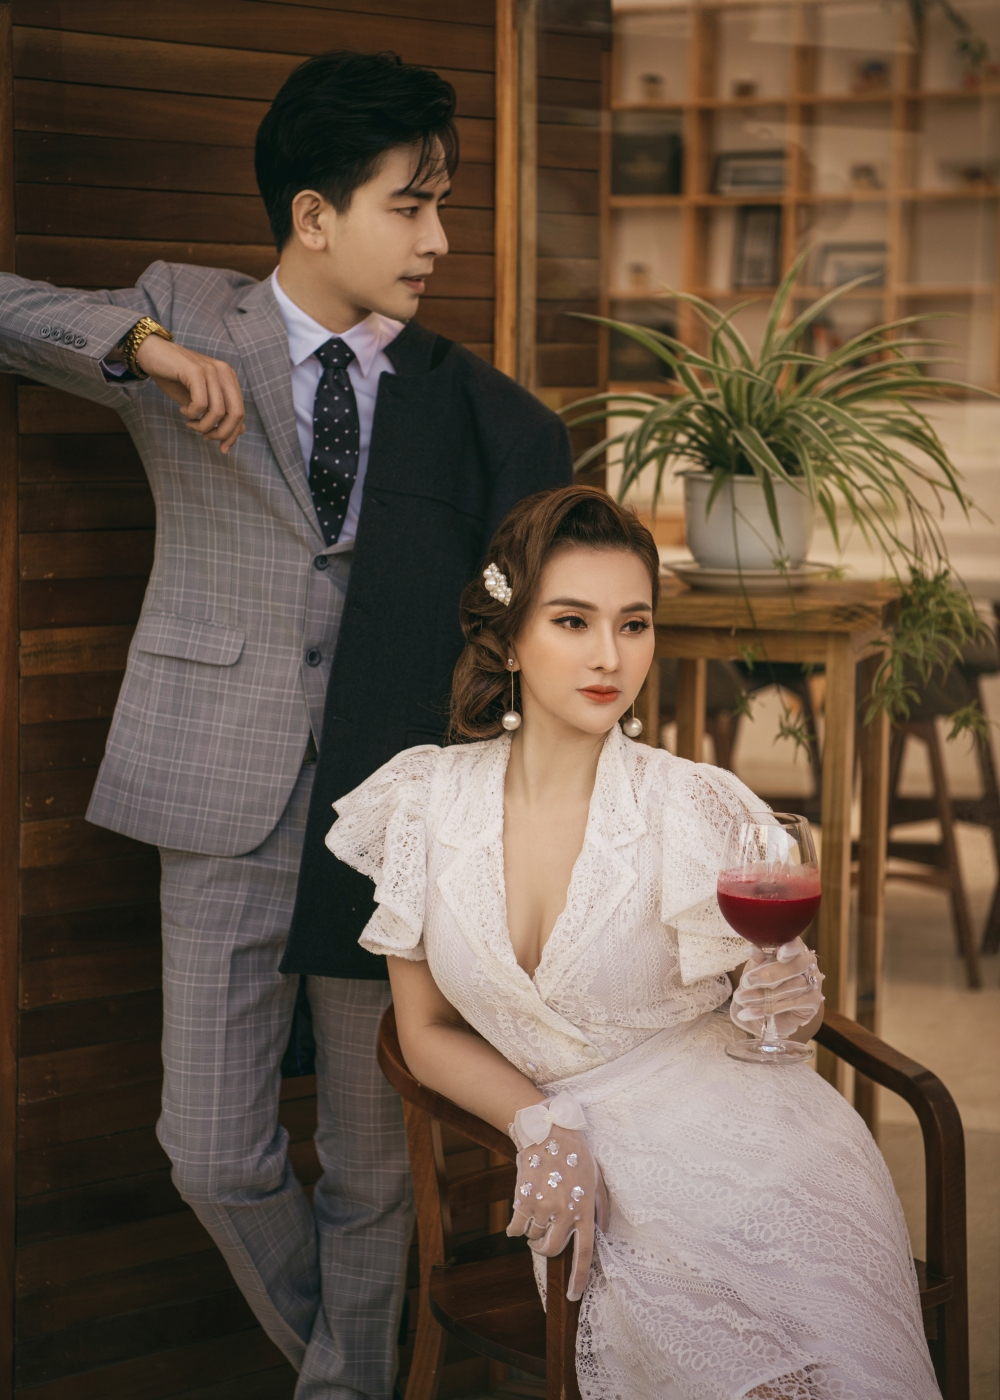 Vợ chồng Thu Thuỷ và Kin Nguyễn cũng thực hiện bộ ảnh mừng Valentine. Sau thời gian sóng gió, ca sĩ Thu Thuỷ đã tìm được tình yêu mới.